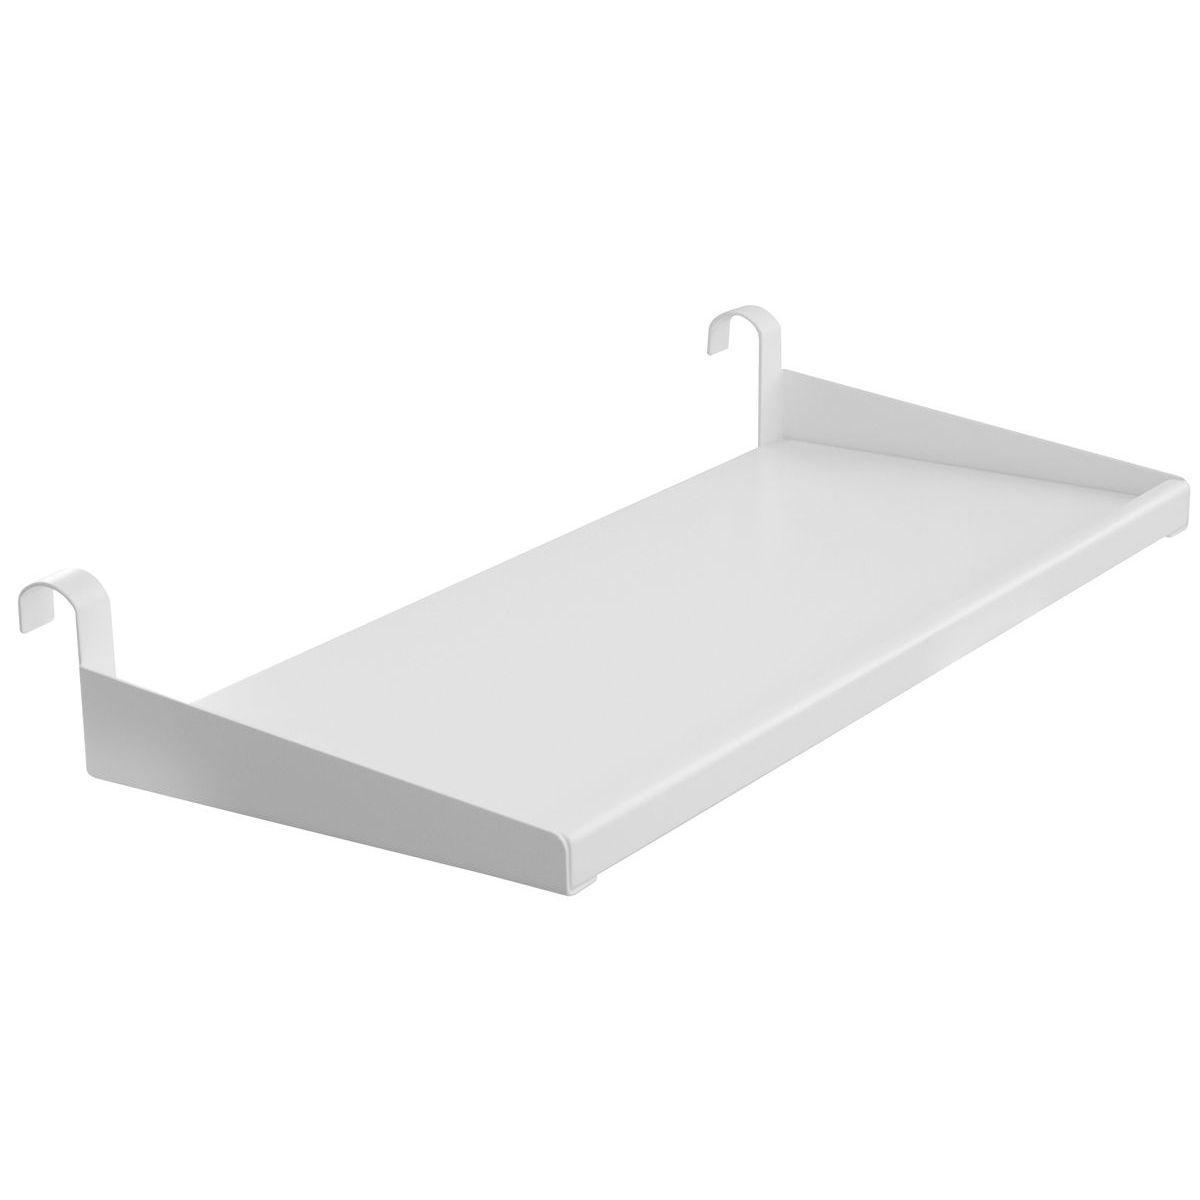 WHITE by Flexa Chevet à suspendre en métal blanc